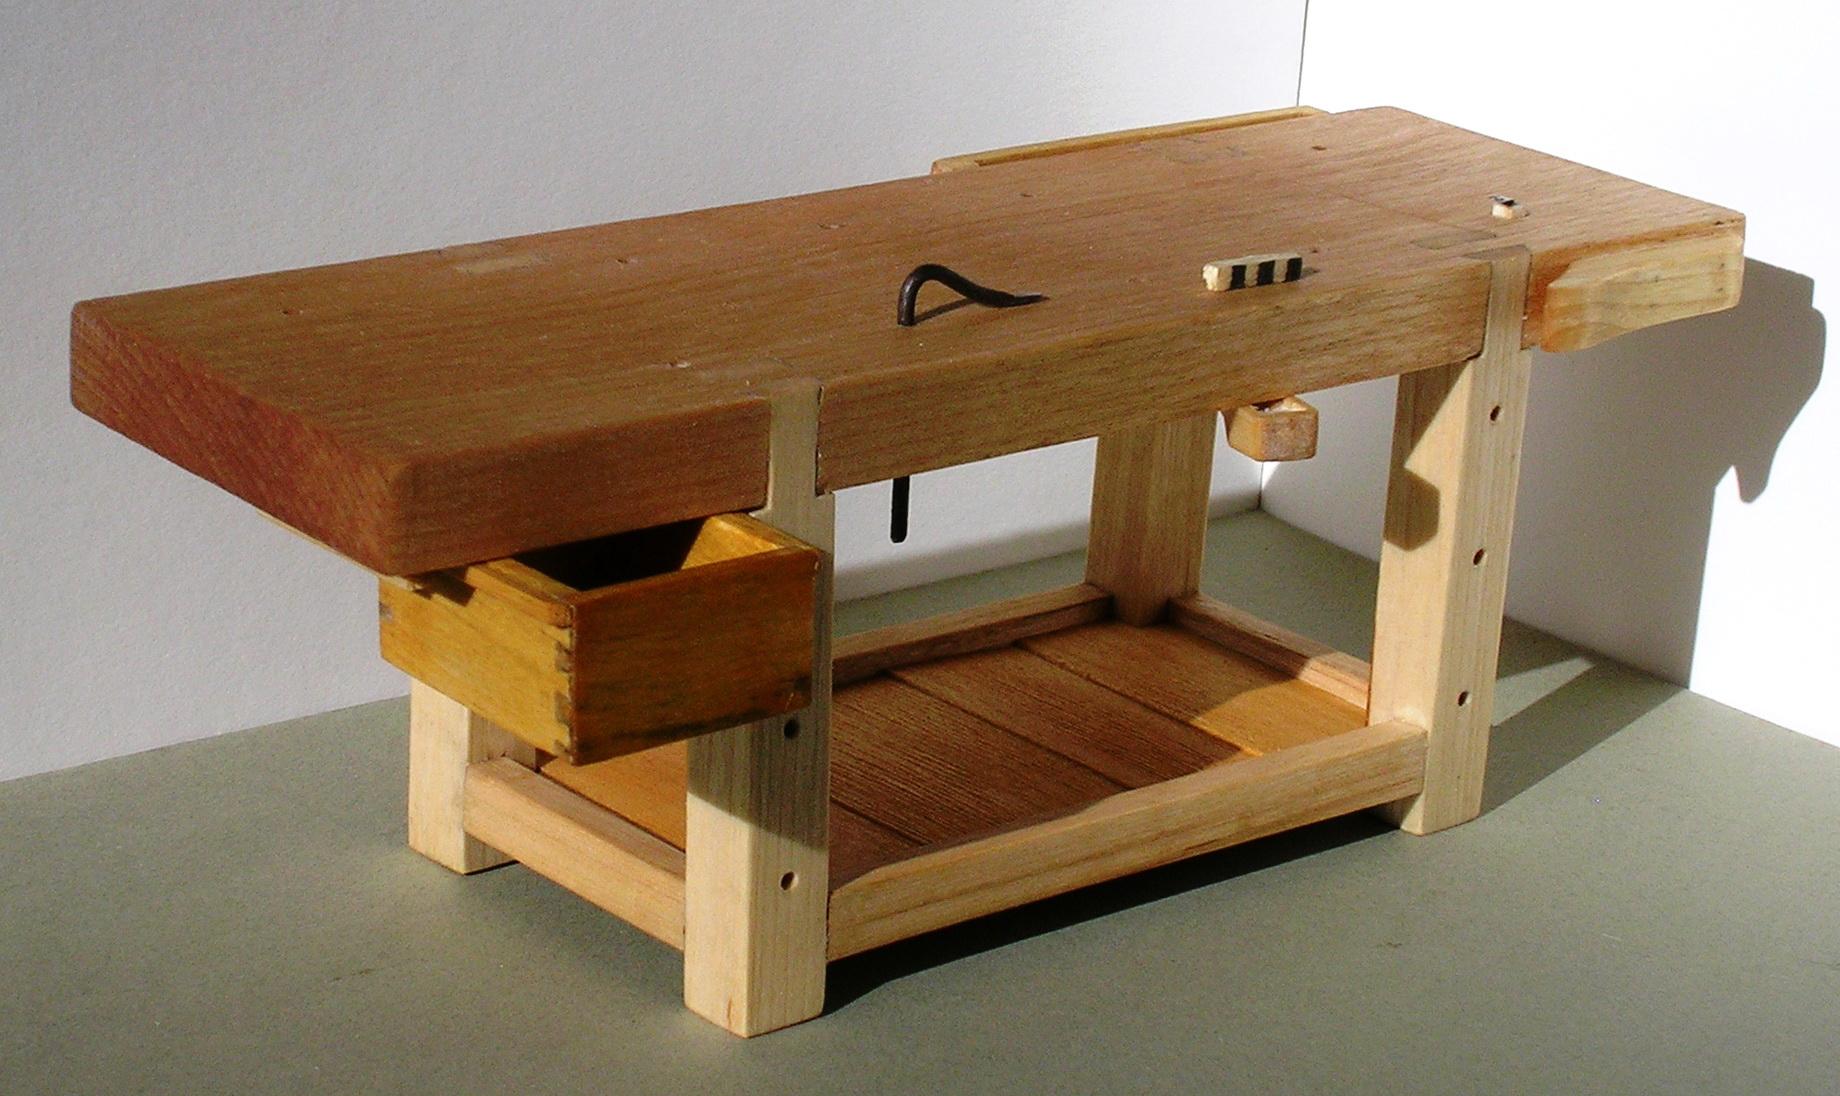 Wooden Work Bench Designs